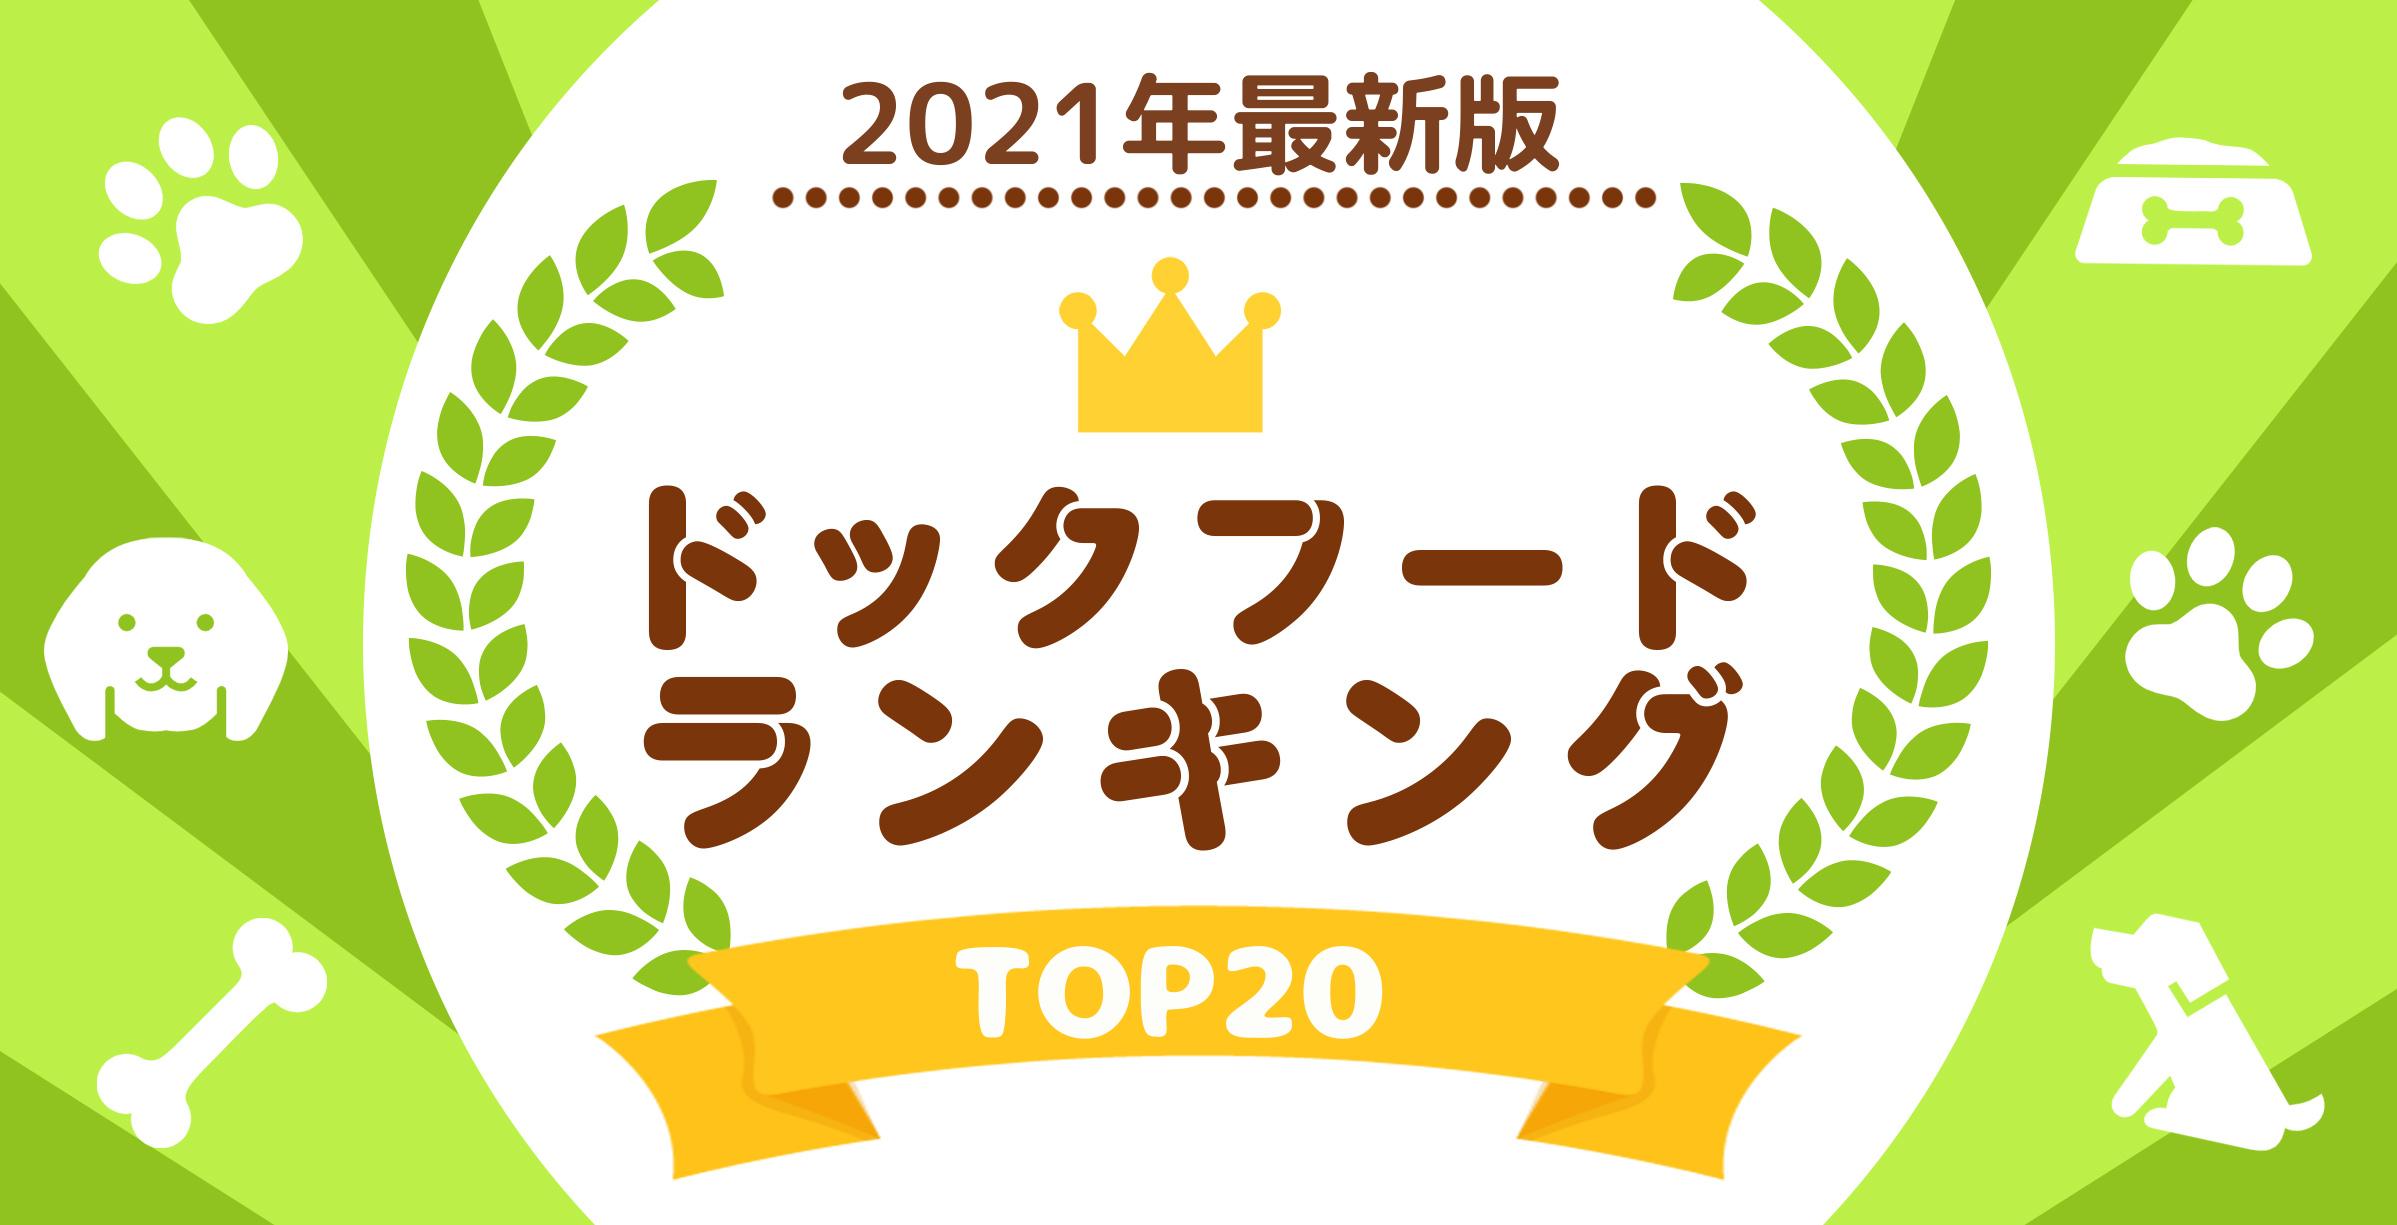 【2021版ドッグフードランキング】人気商品20選を徹底比較!